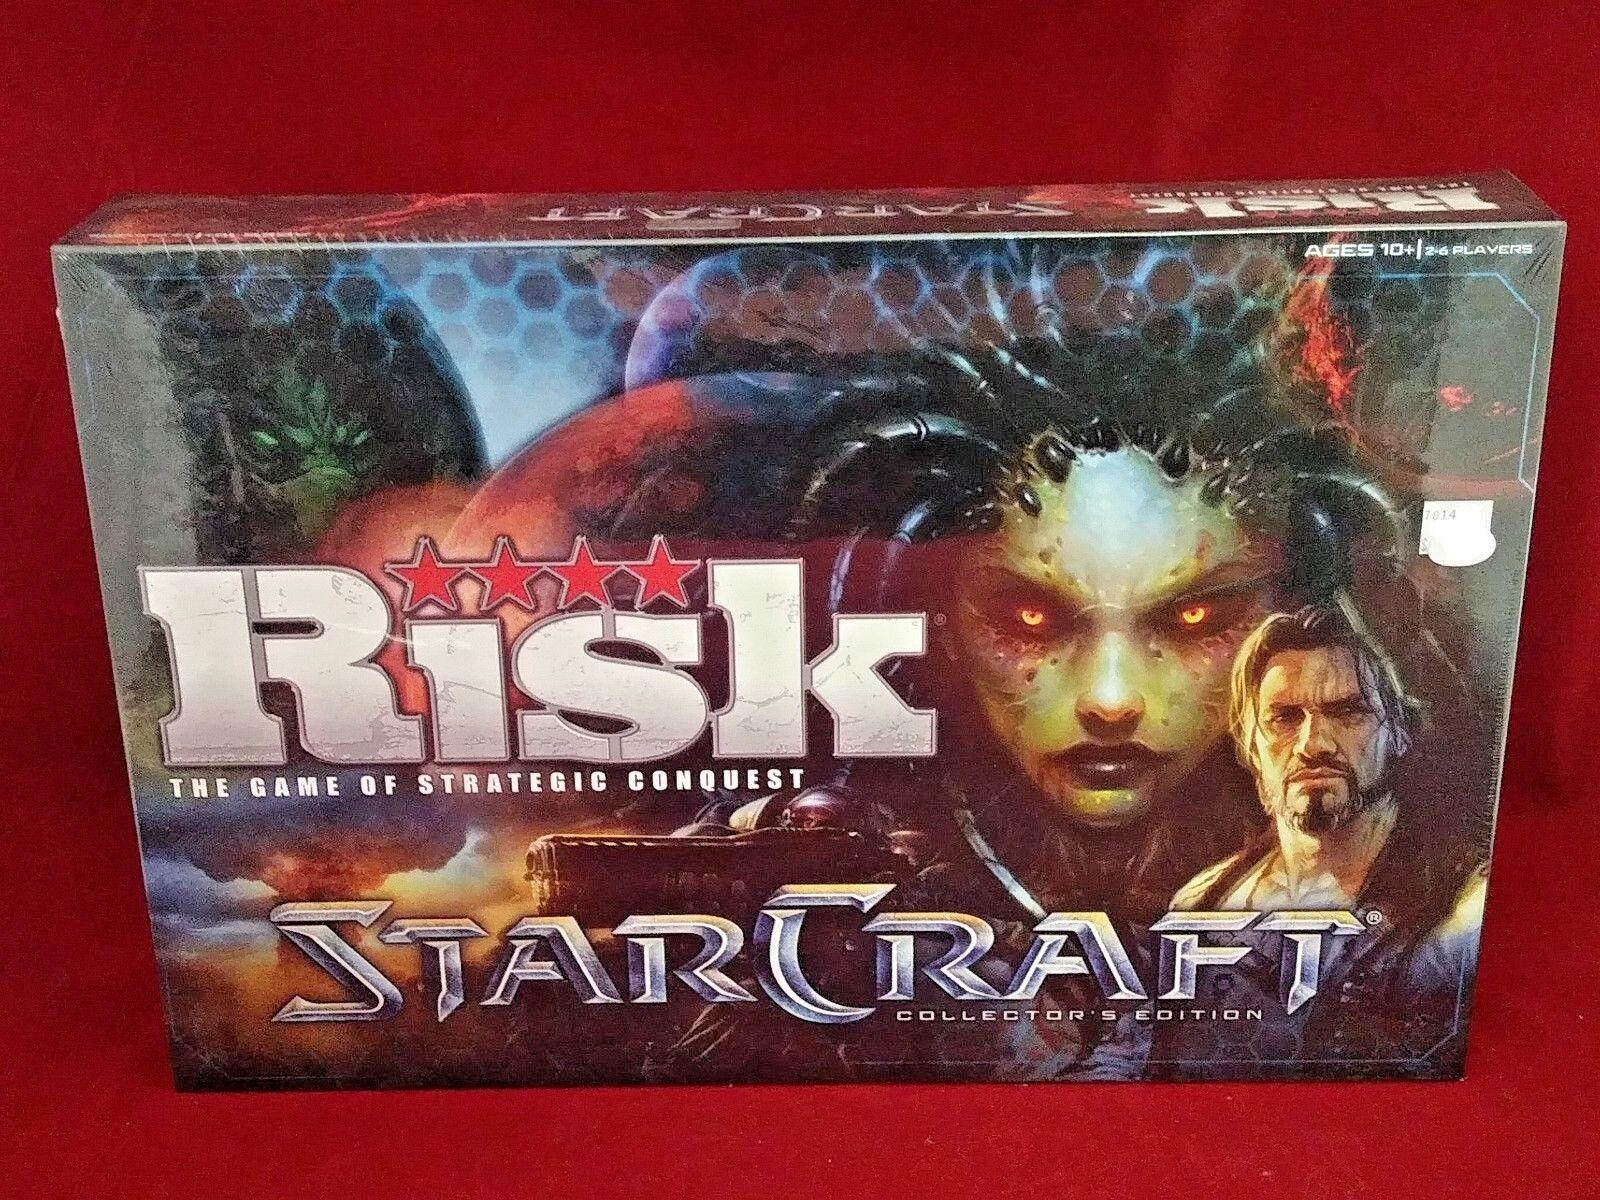 Risiko starcraft collector 's edition strategie spiel, neue fabrik versiegelt